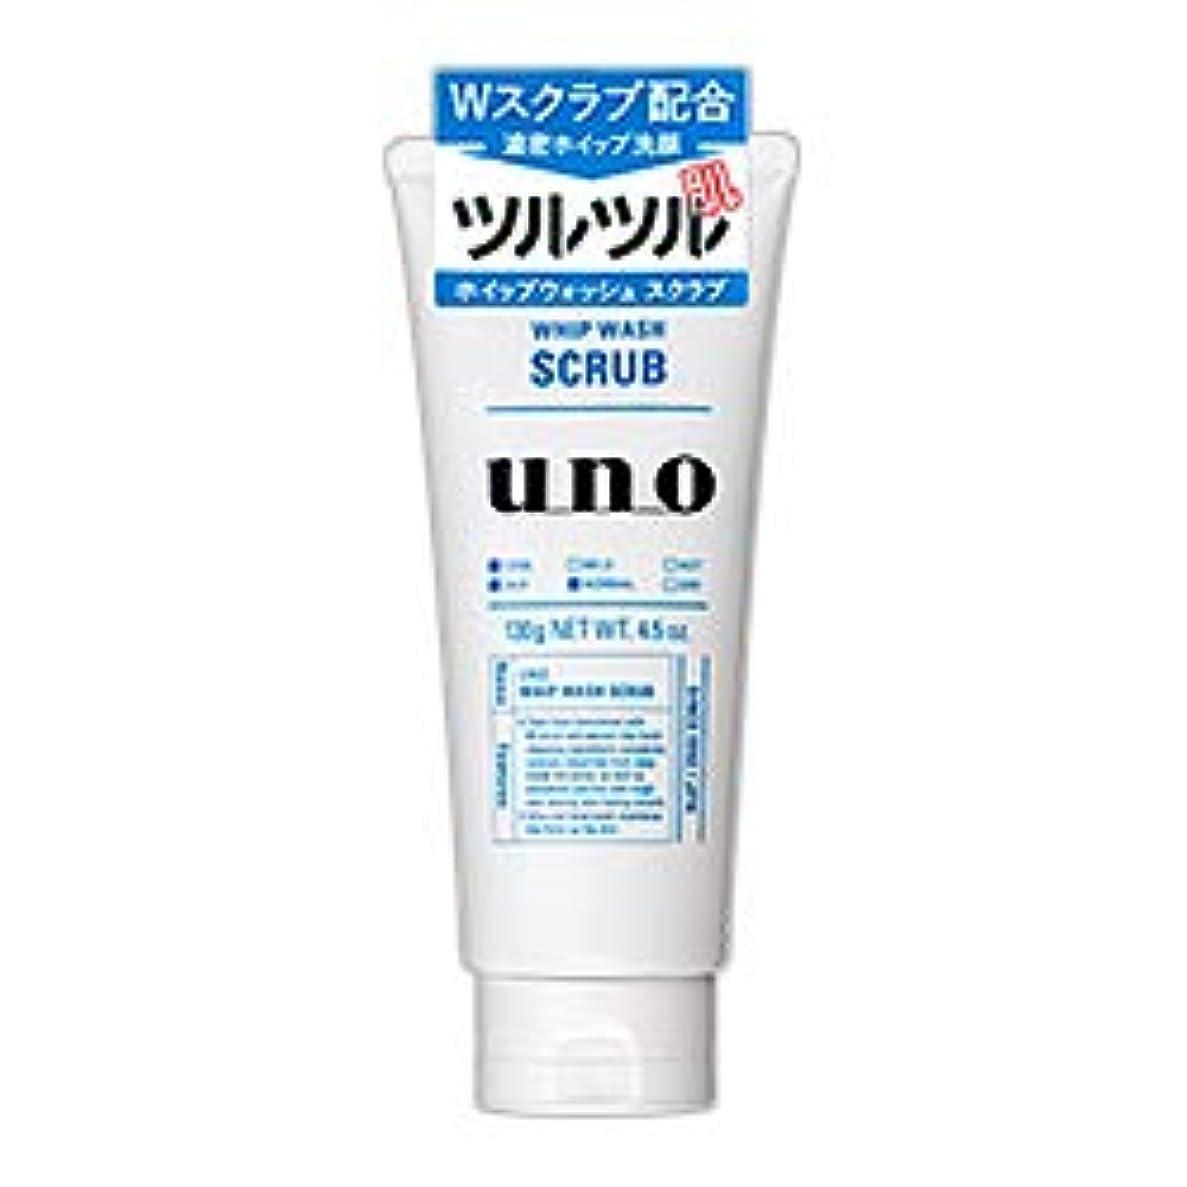 【資生堂】ウーノ(uno) ホイップウォッシュ (スクラブ) 130g ×4個セット